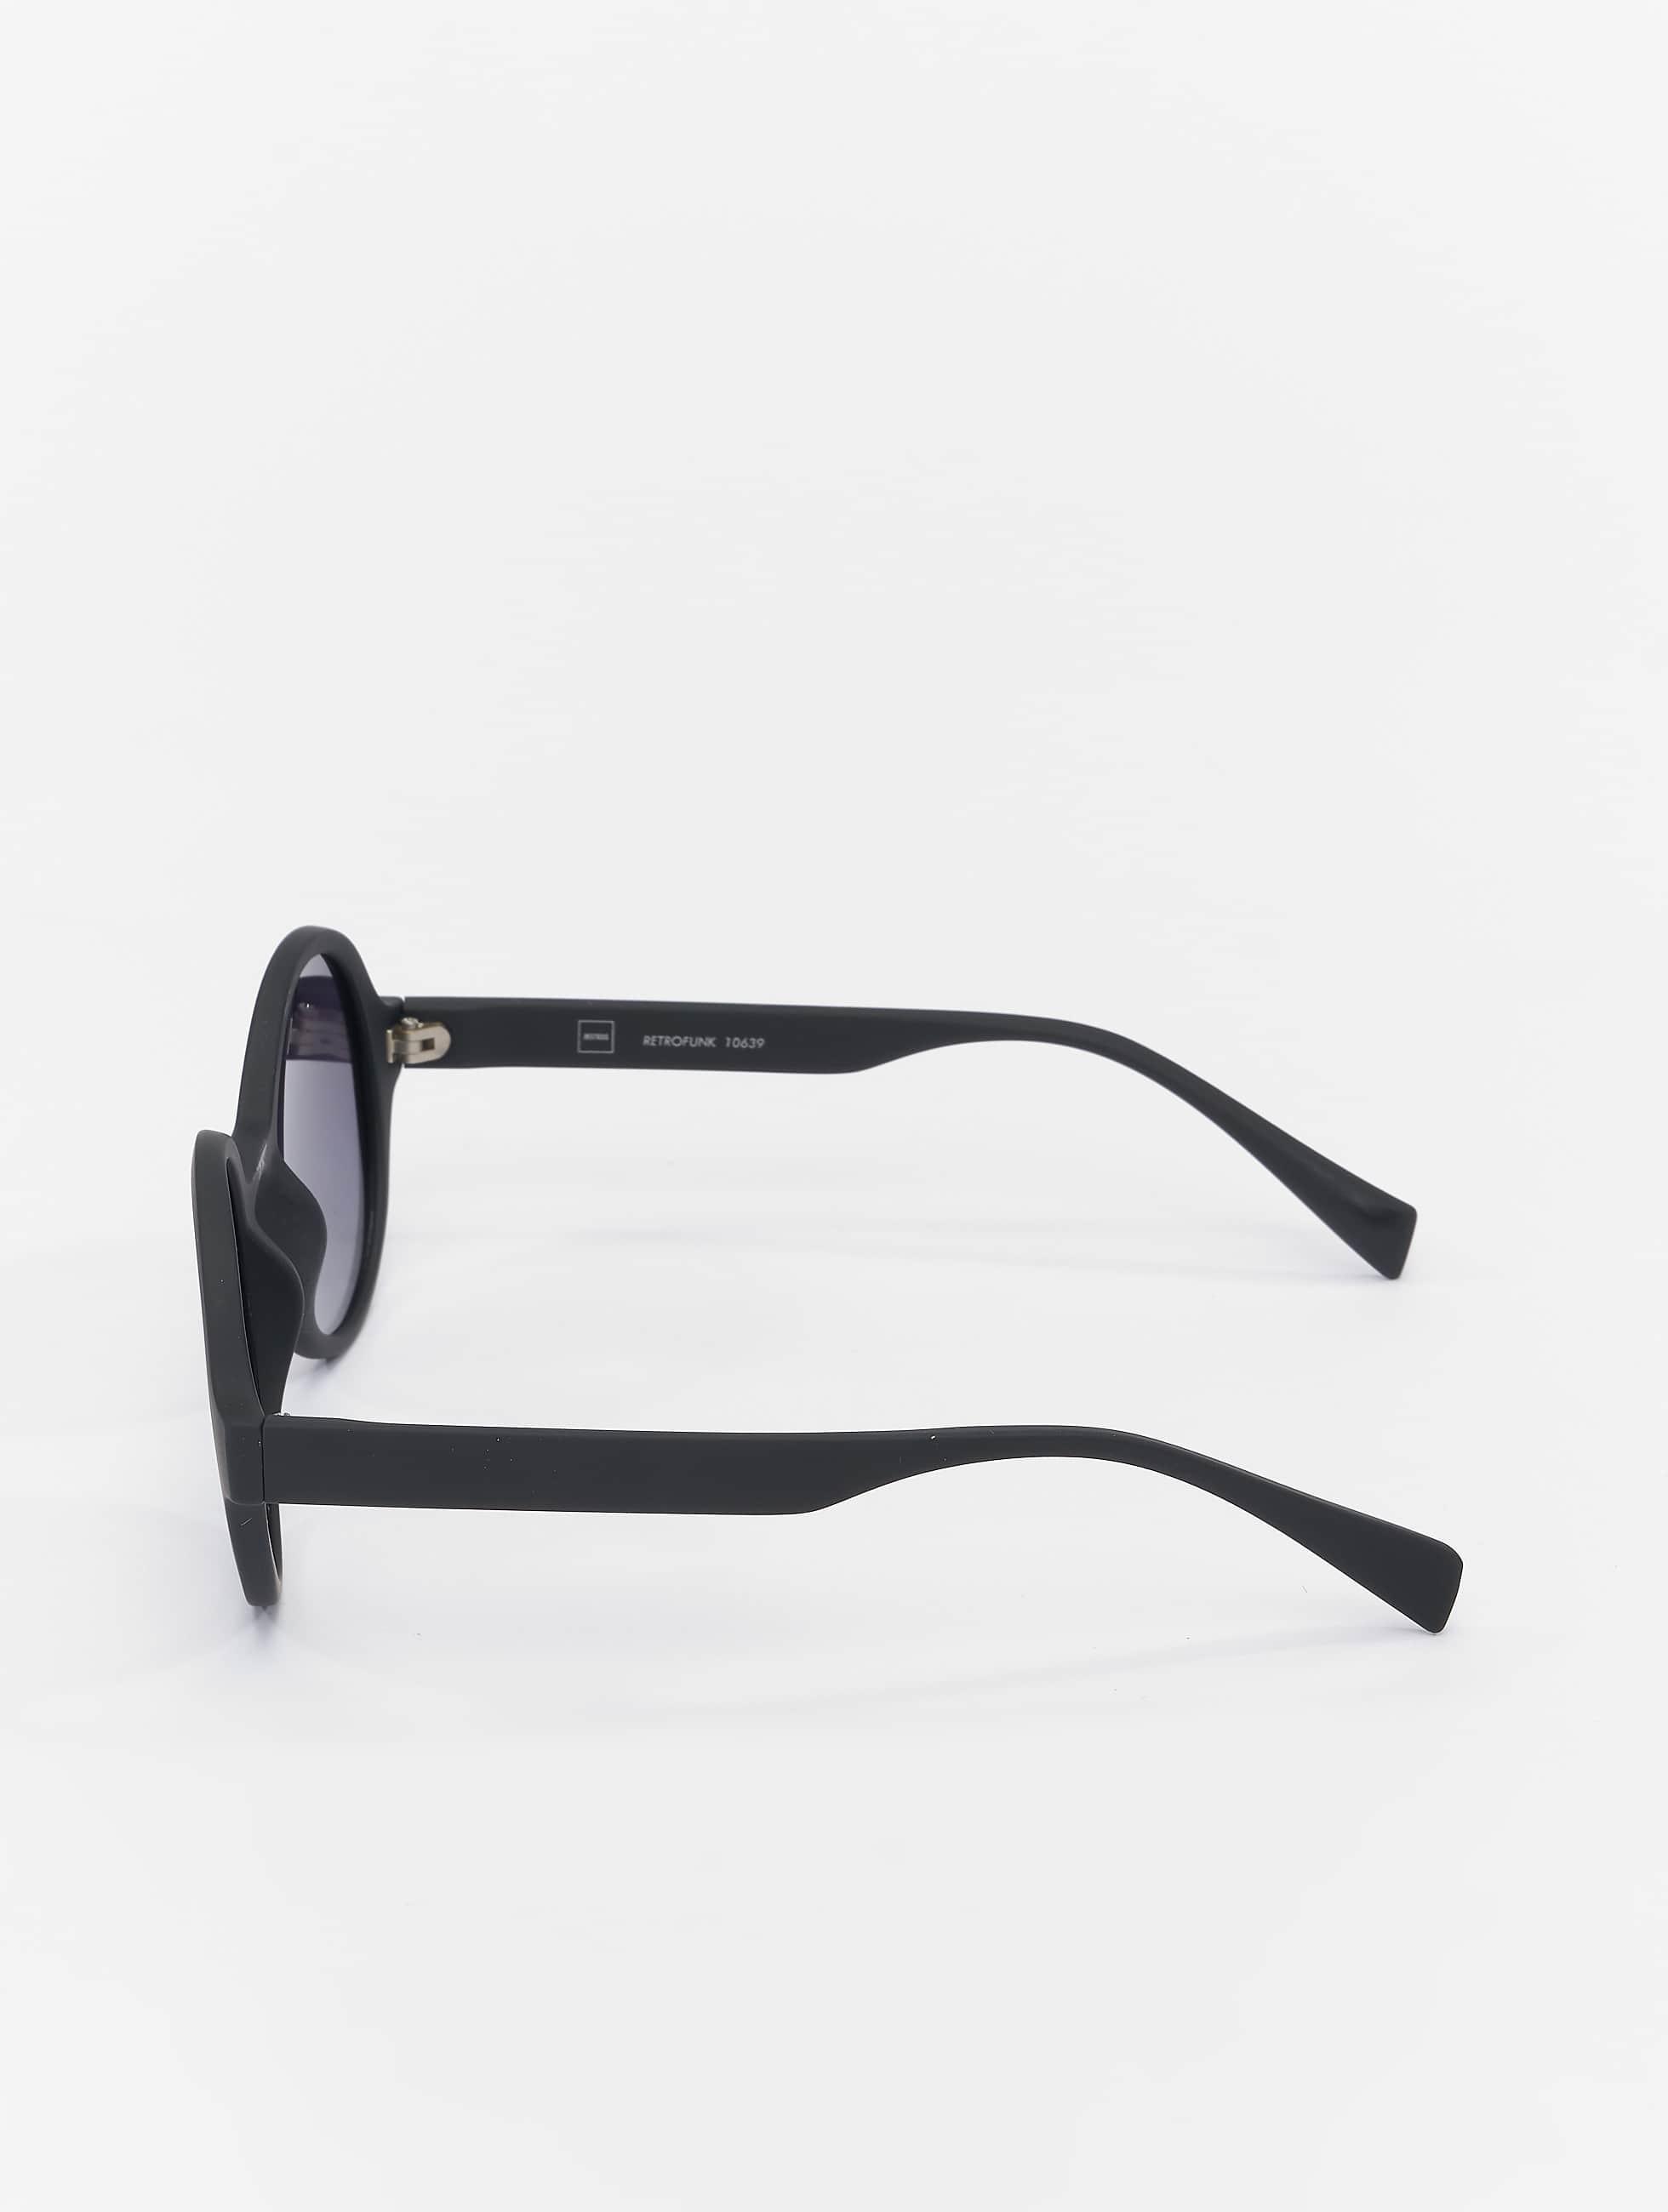 MSTRDS Sonnenbrille Retro Funk Polarized Mirror schwarz